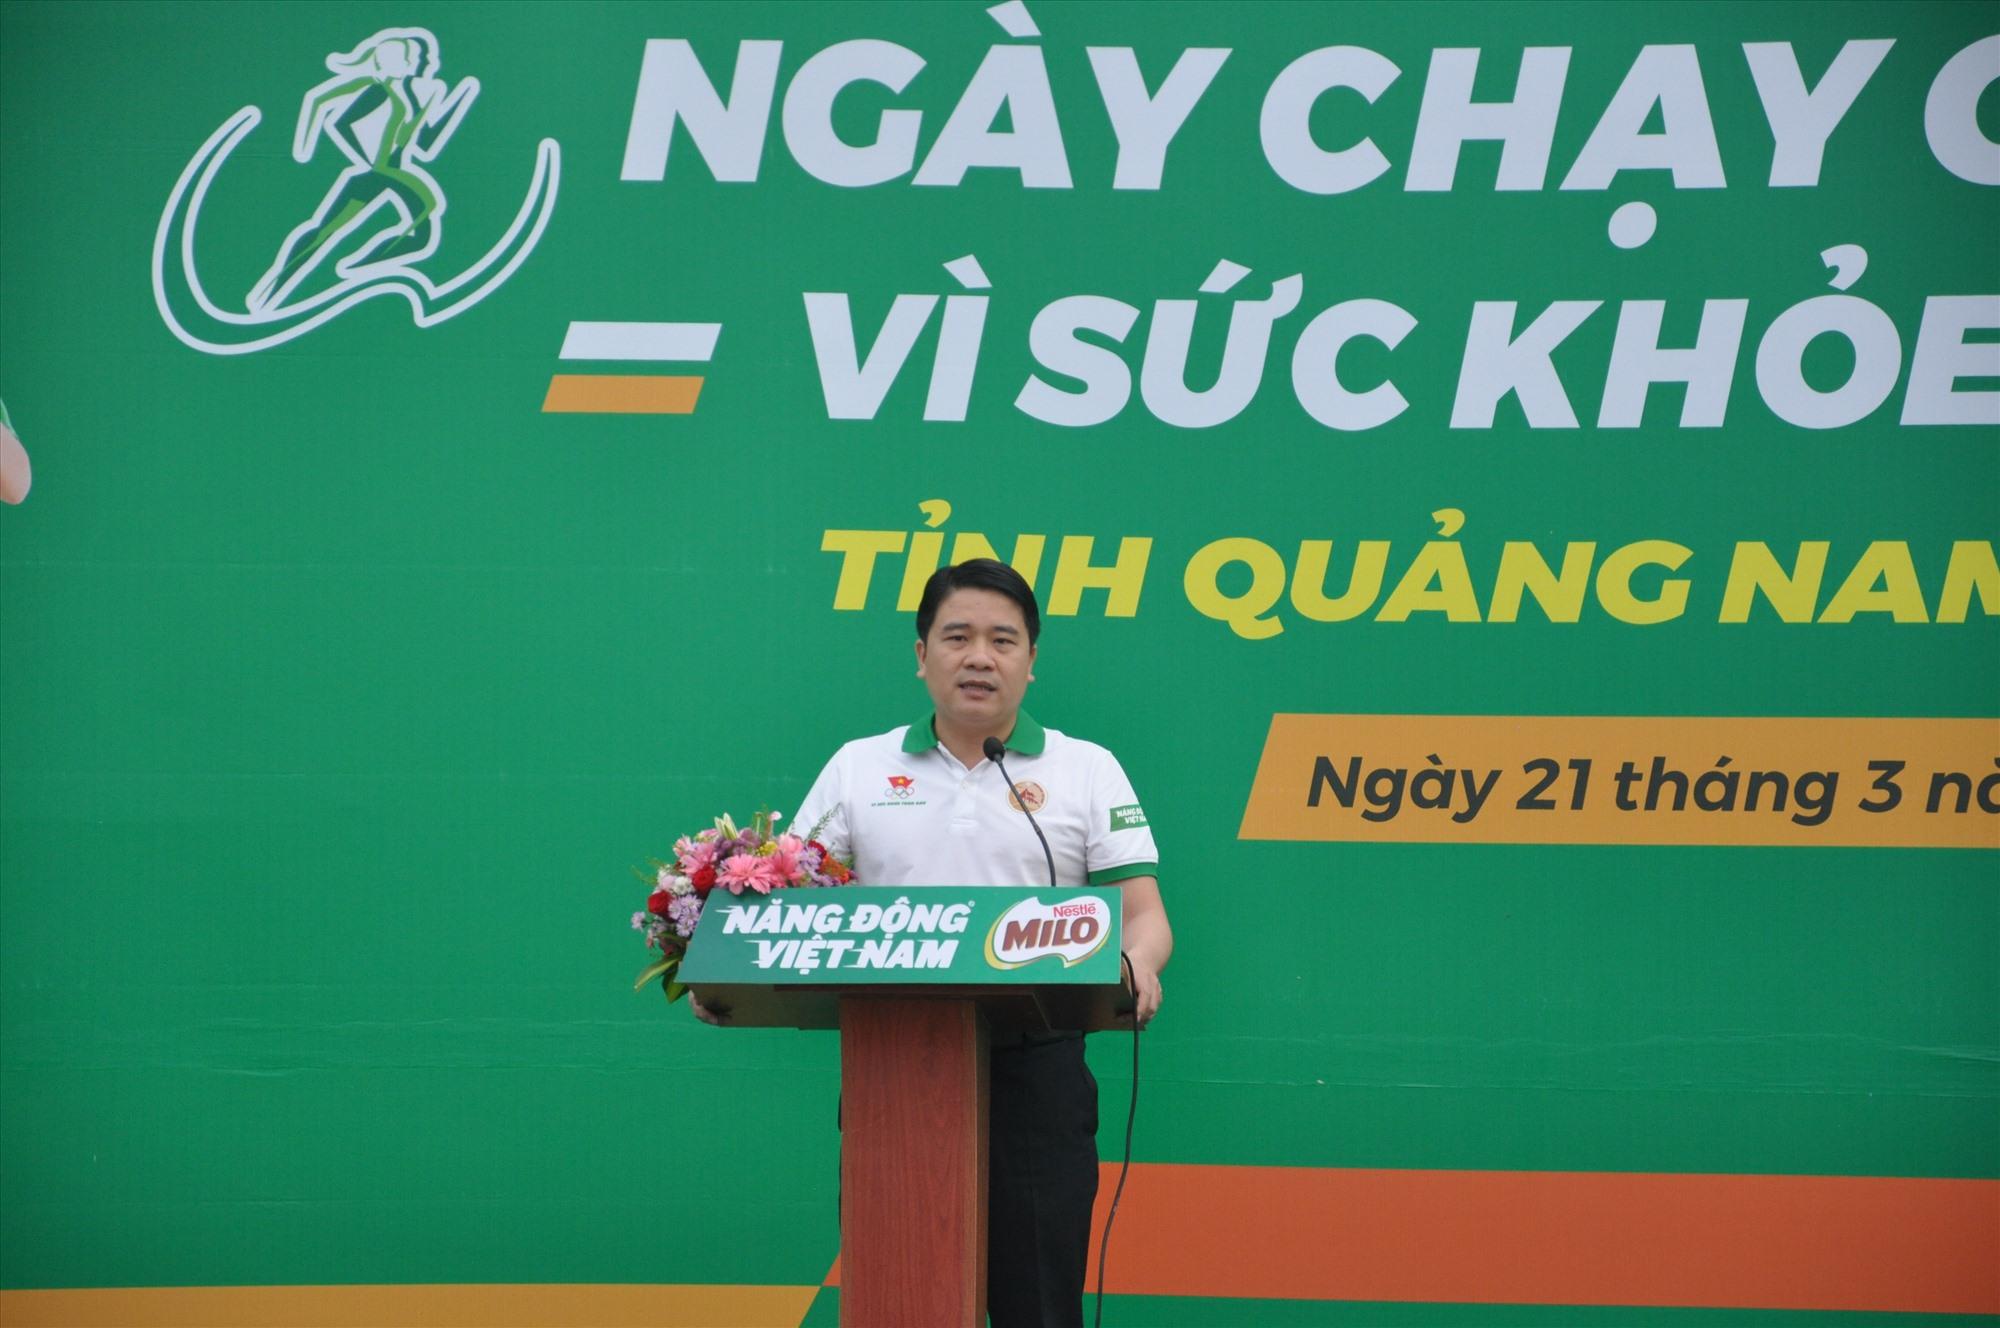 Phó Chủ tịch UBND tỉnh Trần Văn Tân phát biểu tại buổi lễ nhấn mạnh đến tầm quan trọng của tập luyện TD-TT. Ảnh: T.V